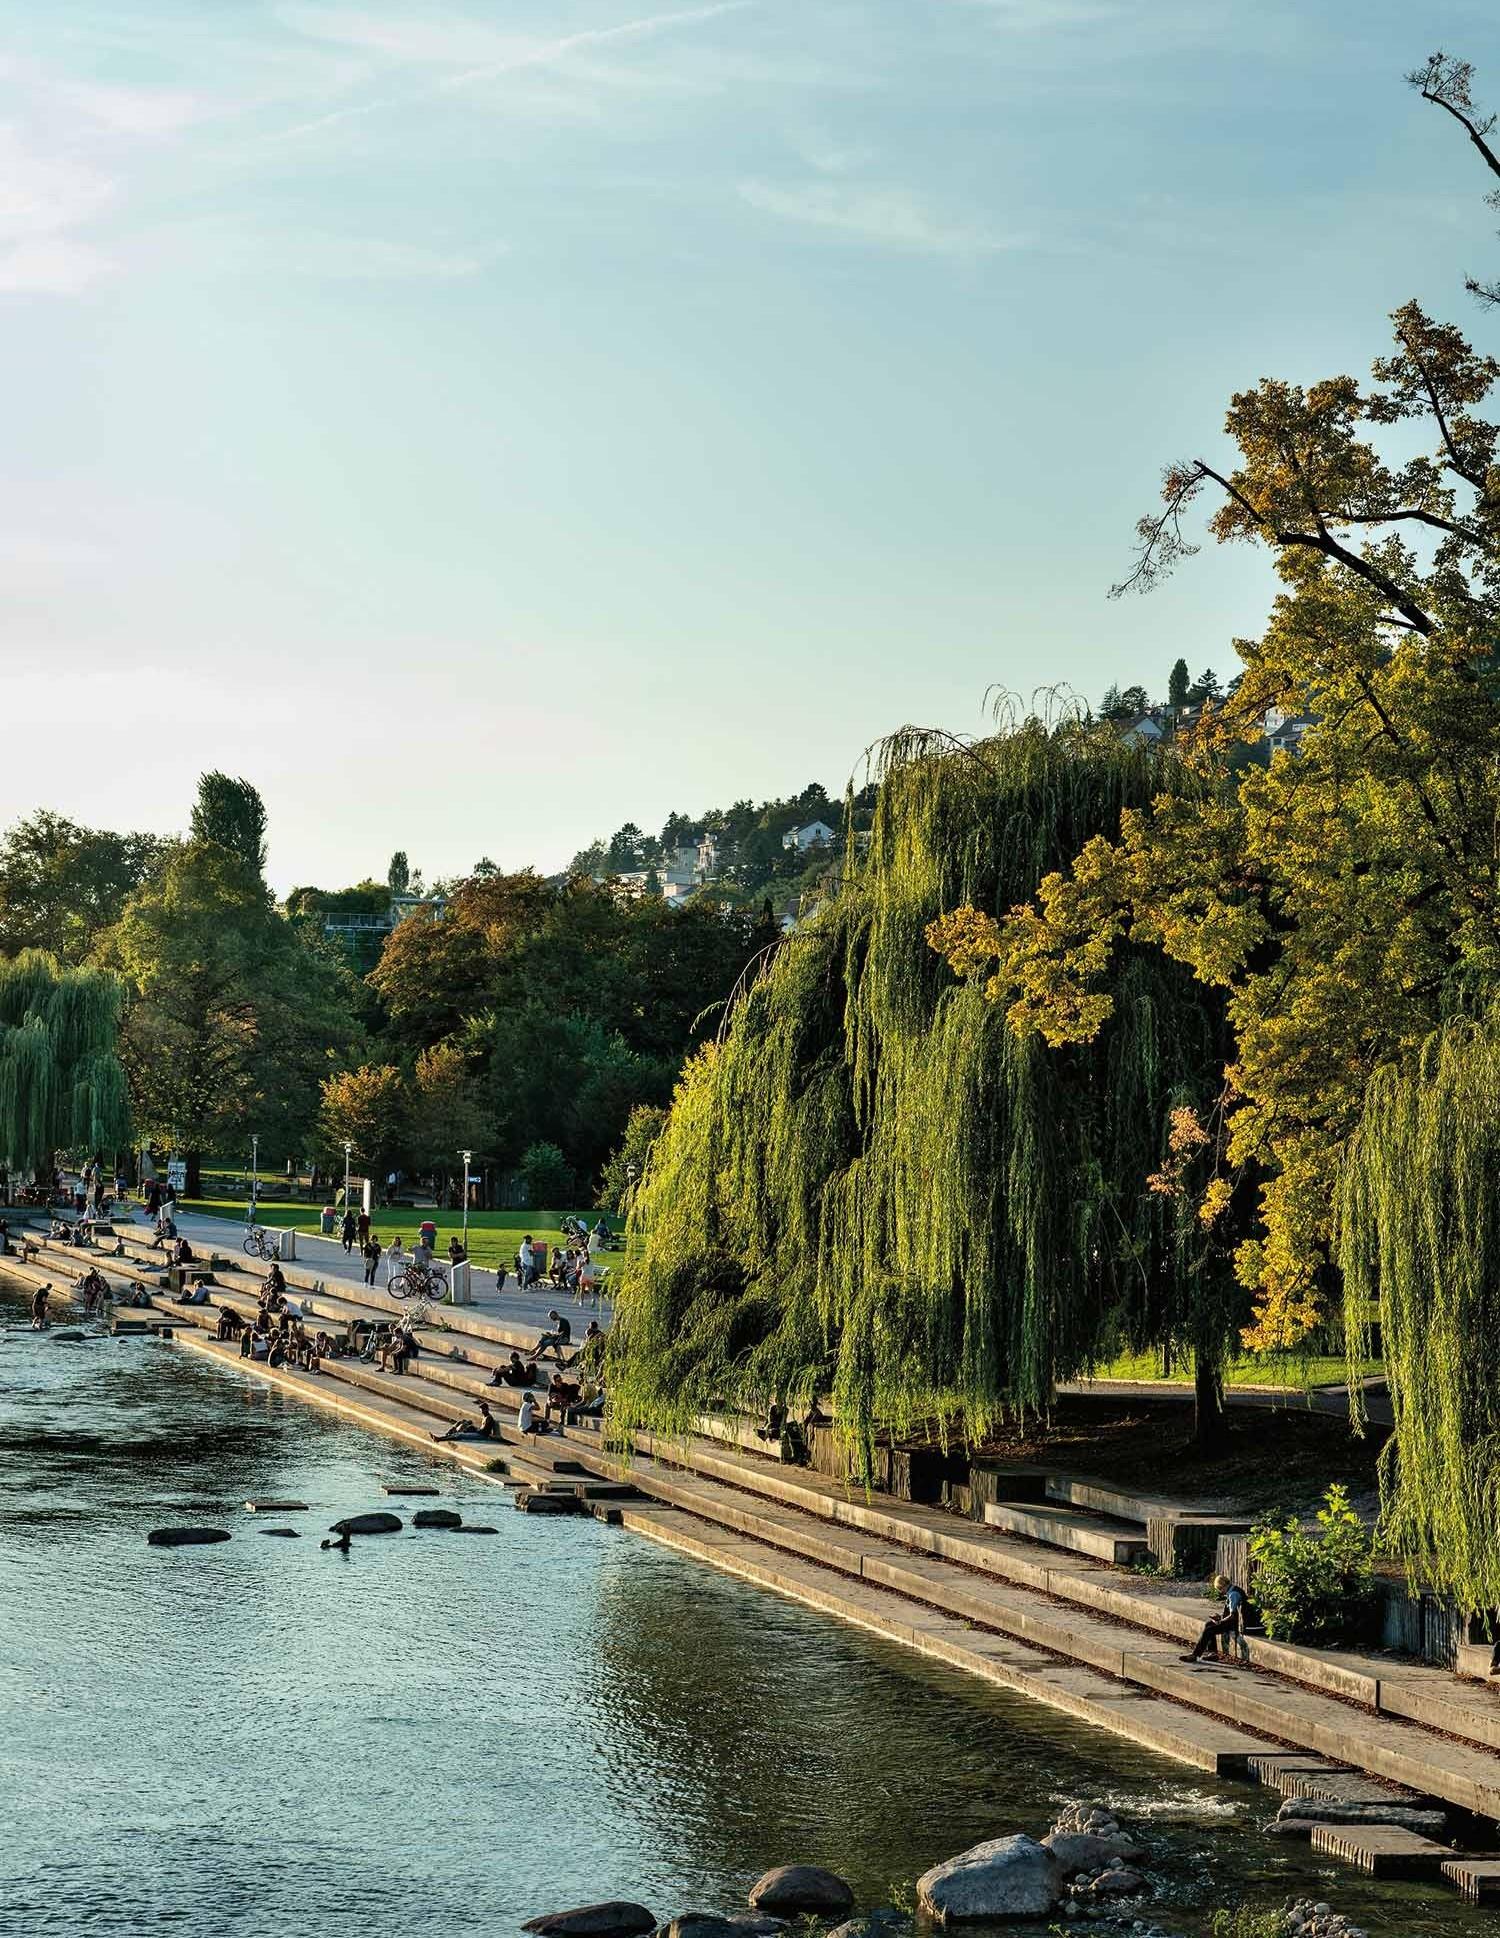 Wipkingerpark an der Limmat in Stadt Zürich